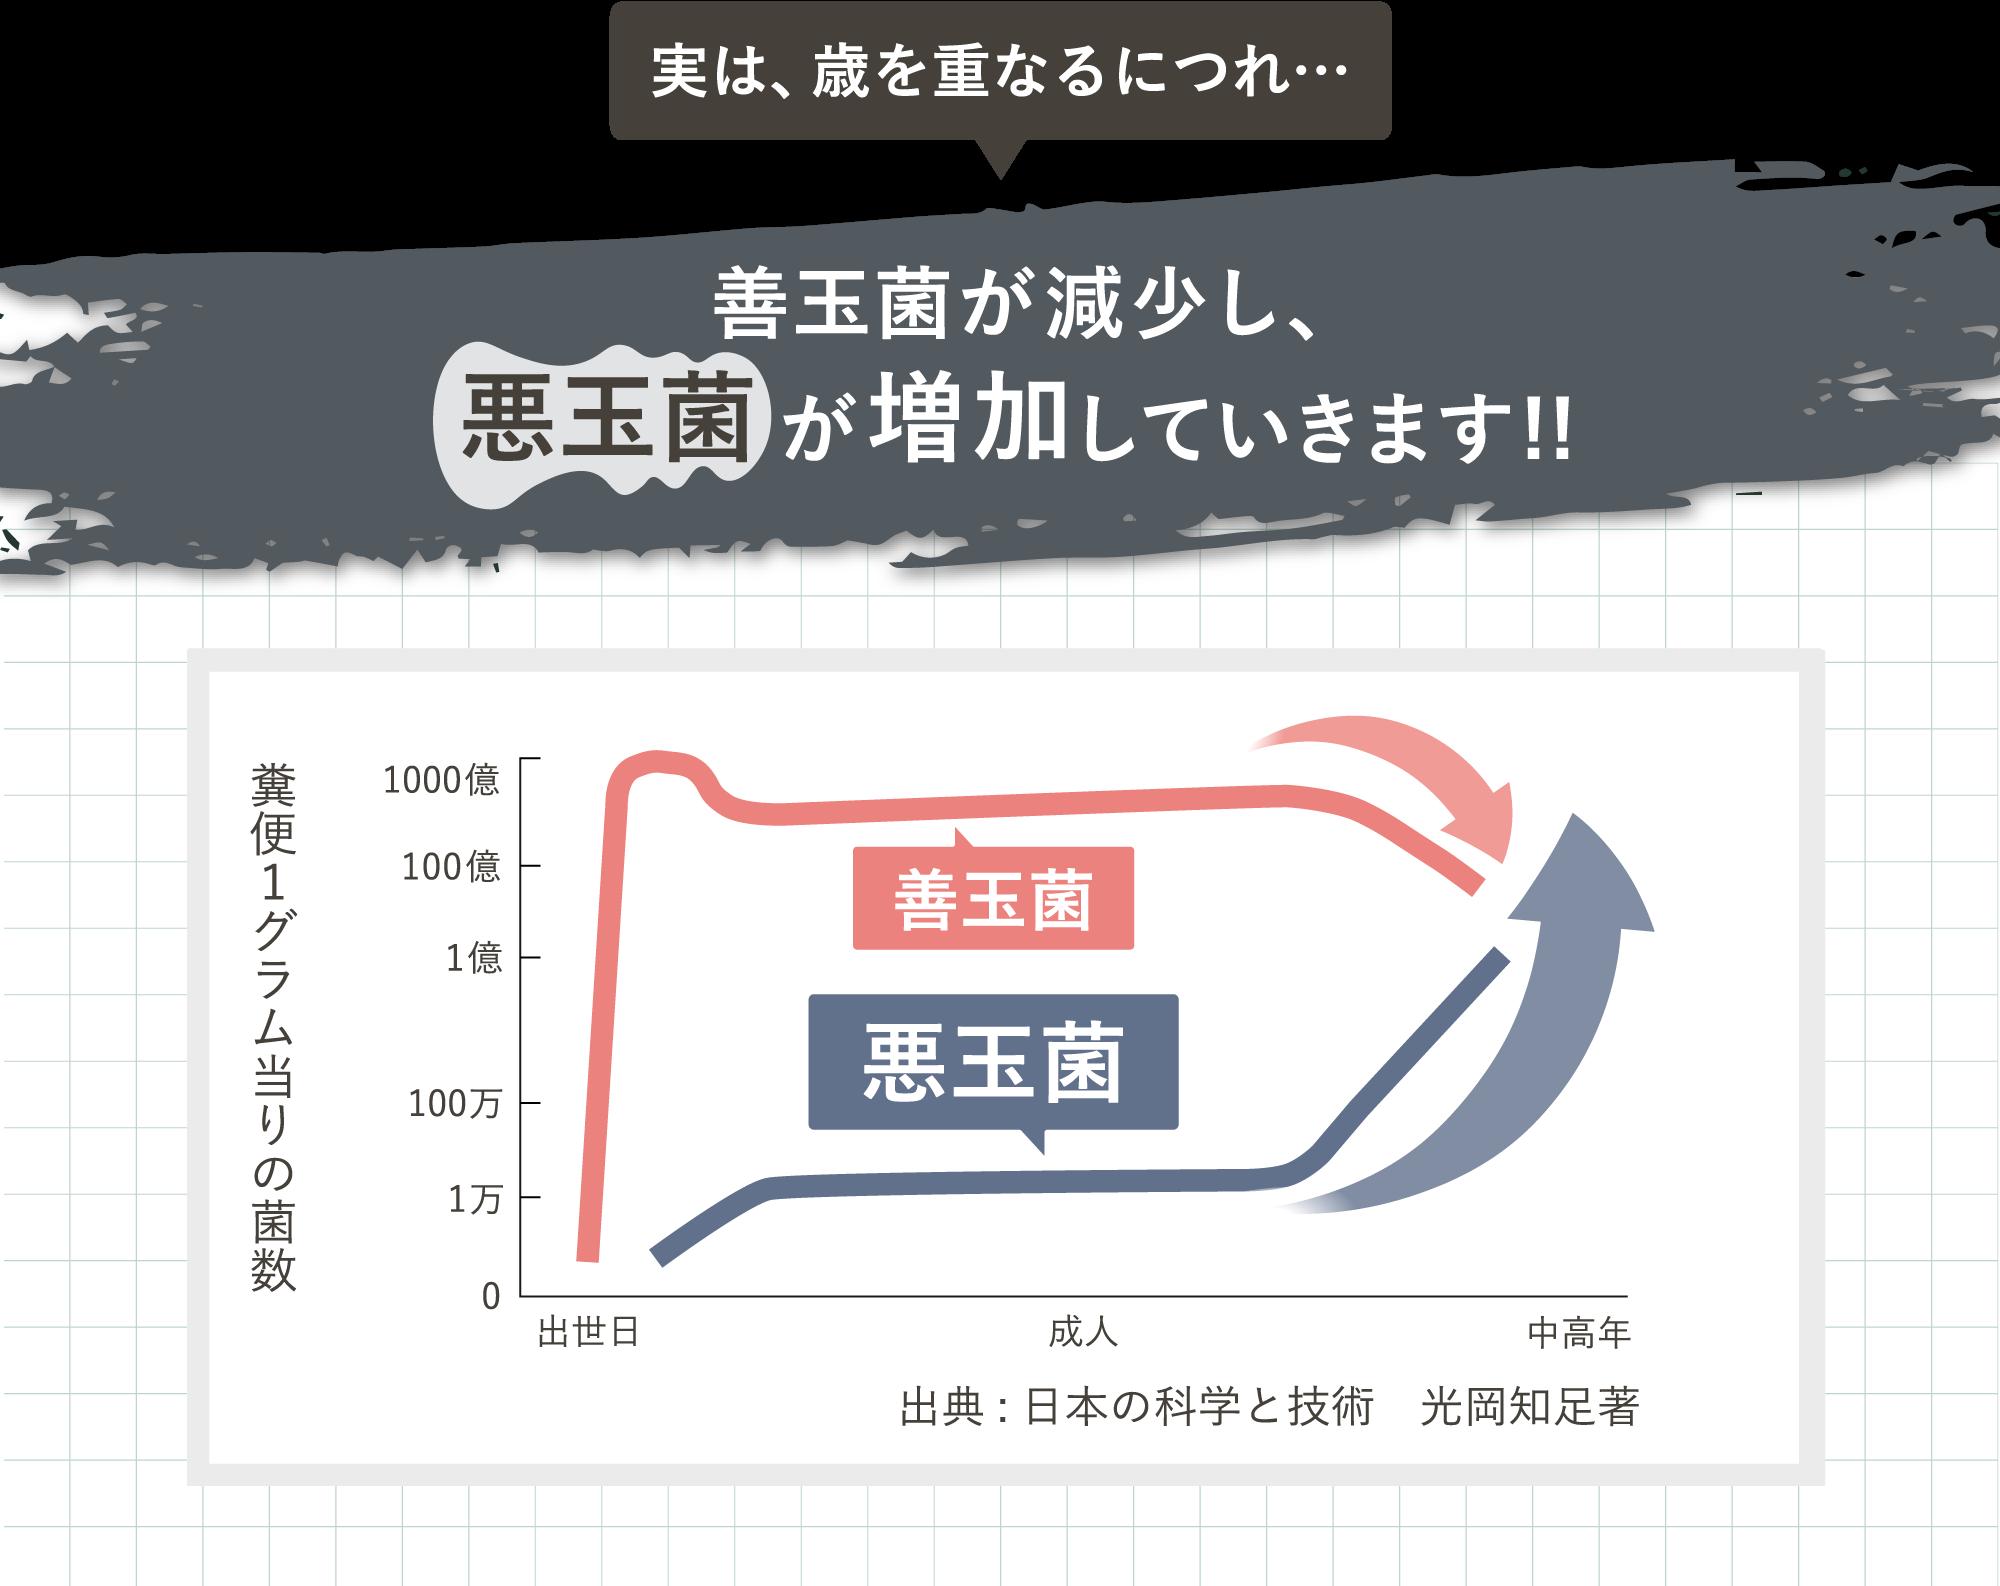 善玉菌と悪玉菌のグラフ